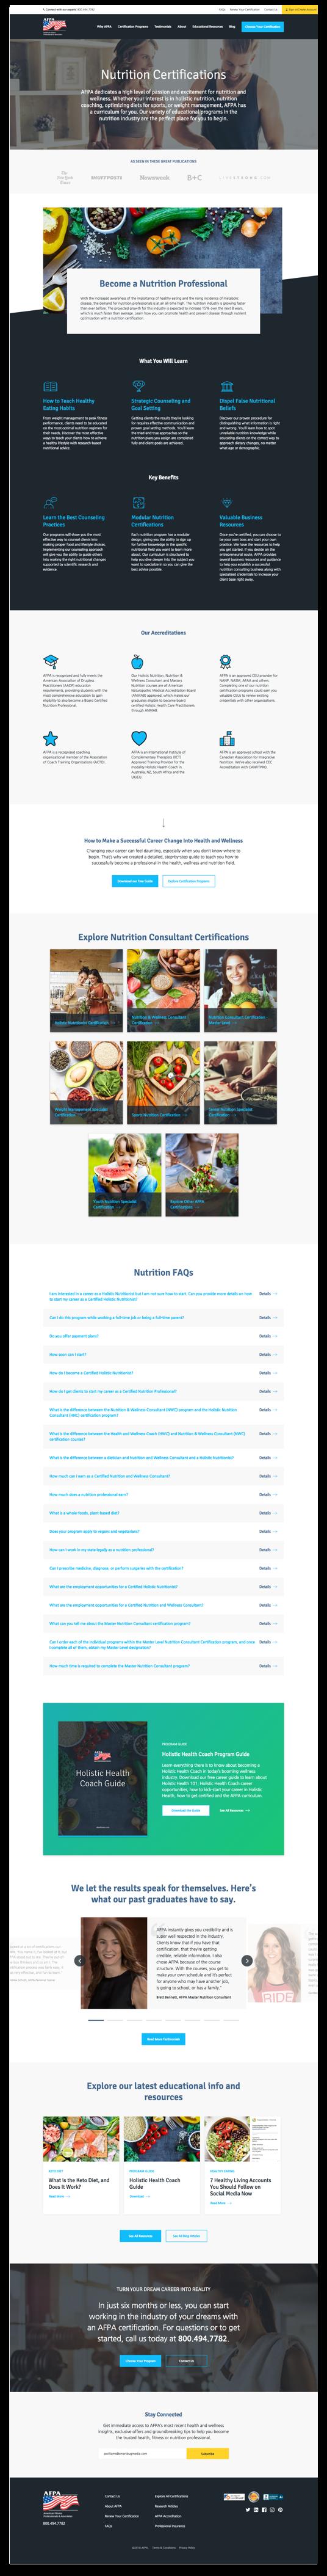 AFPA website design